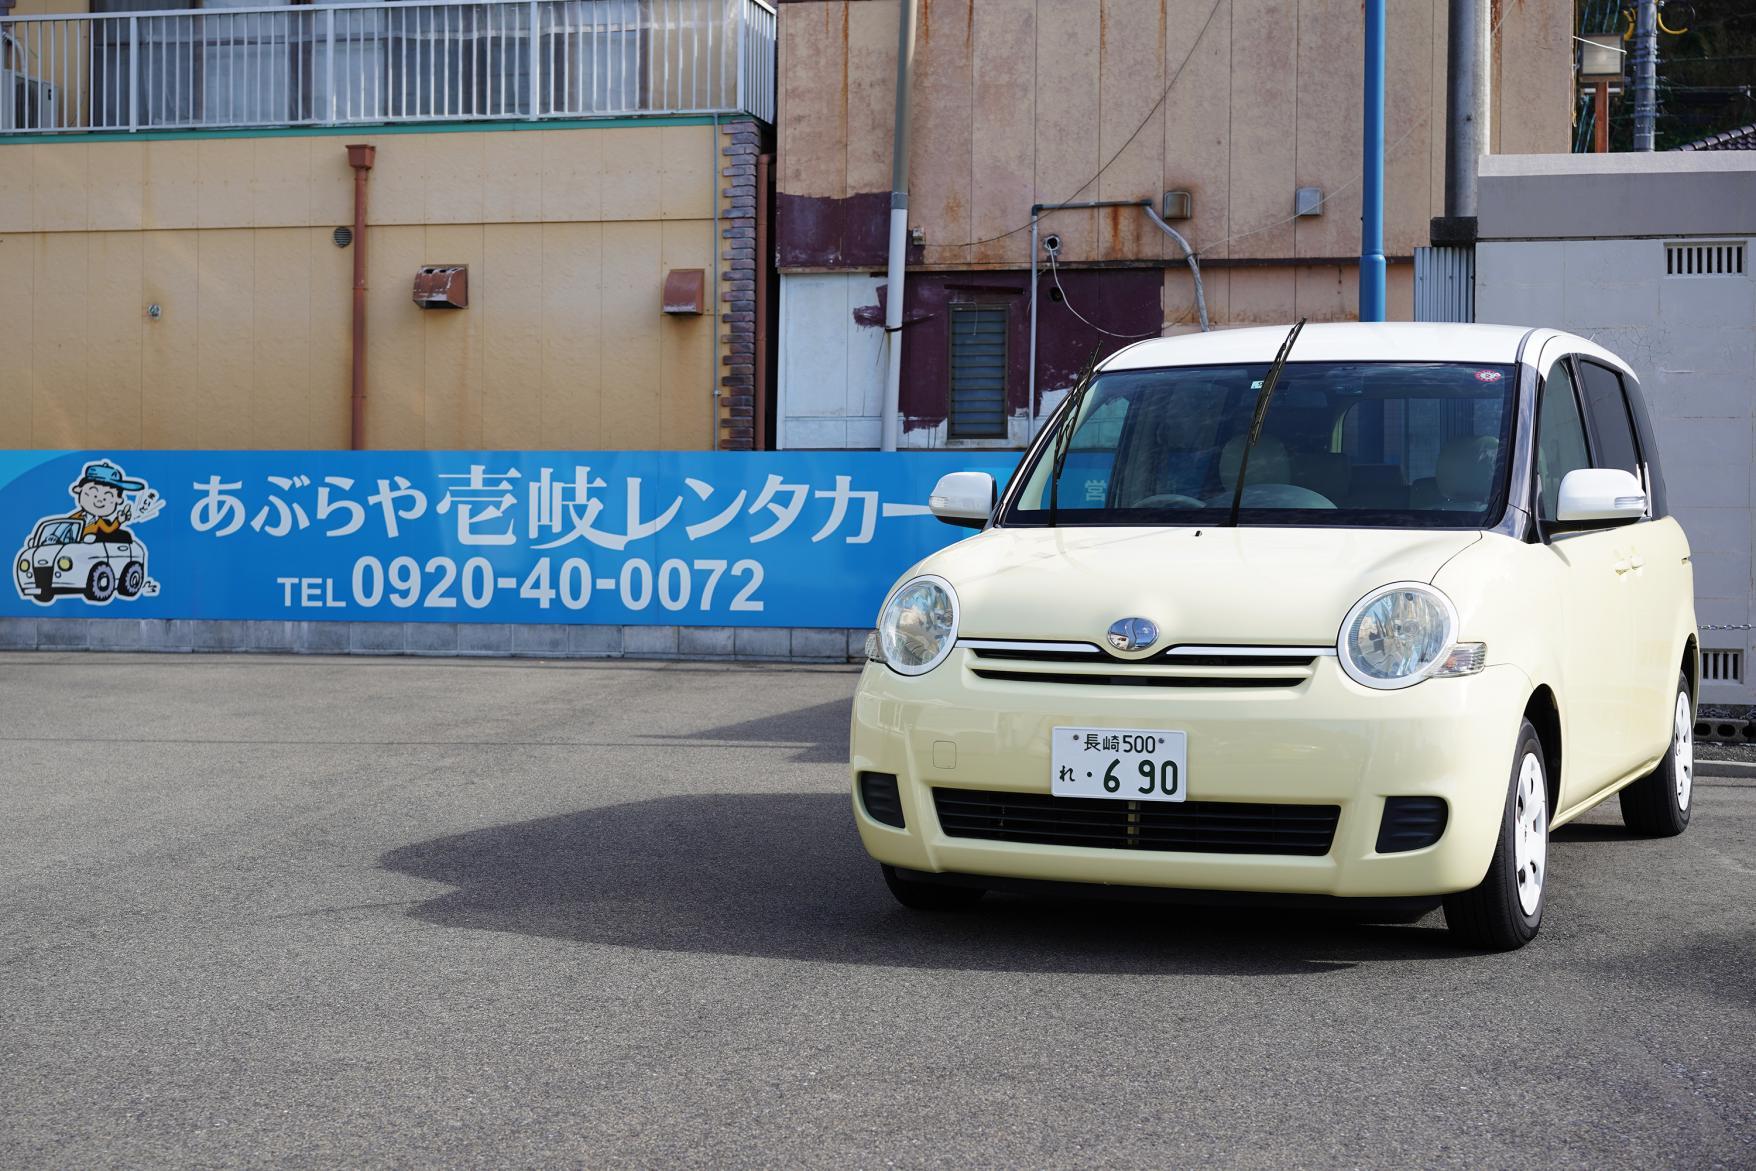 あぶらや壱岐レンタカー-7